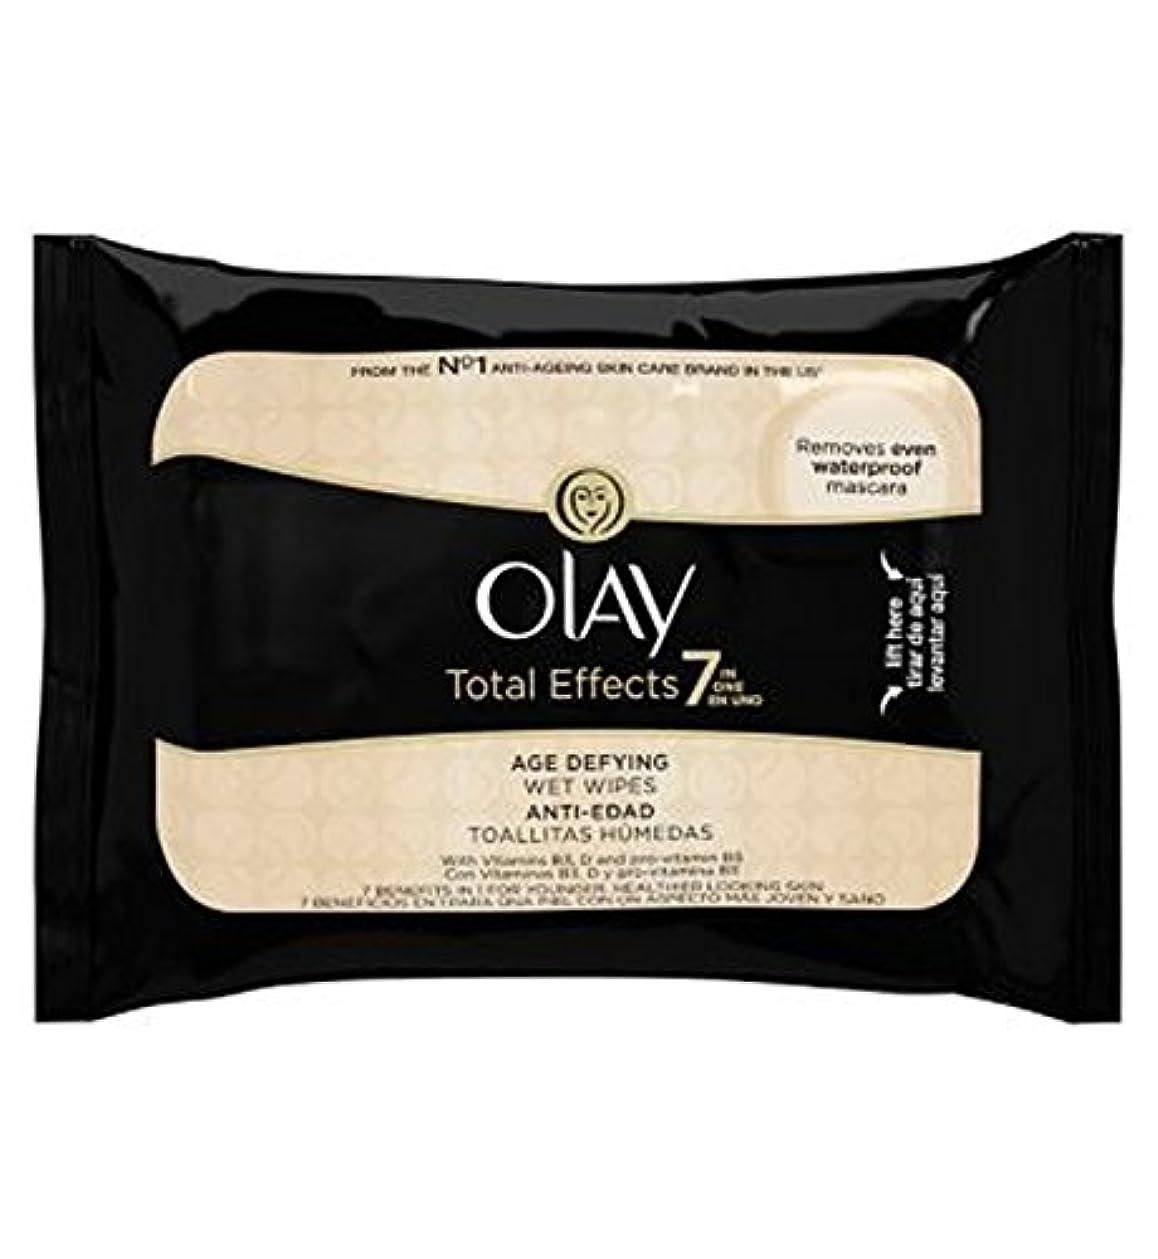 ベルトレクリエーション触覚Olay Total Effects 7in1 Age-Defying Wet Wipes 20s - オーレイトータルエフェクト?7In1のウェットティッシュの20代の年齢に挑みます (Olay) [並行輸入品]